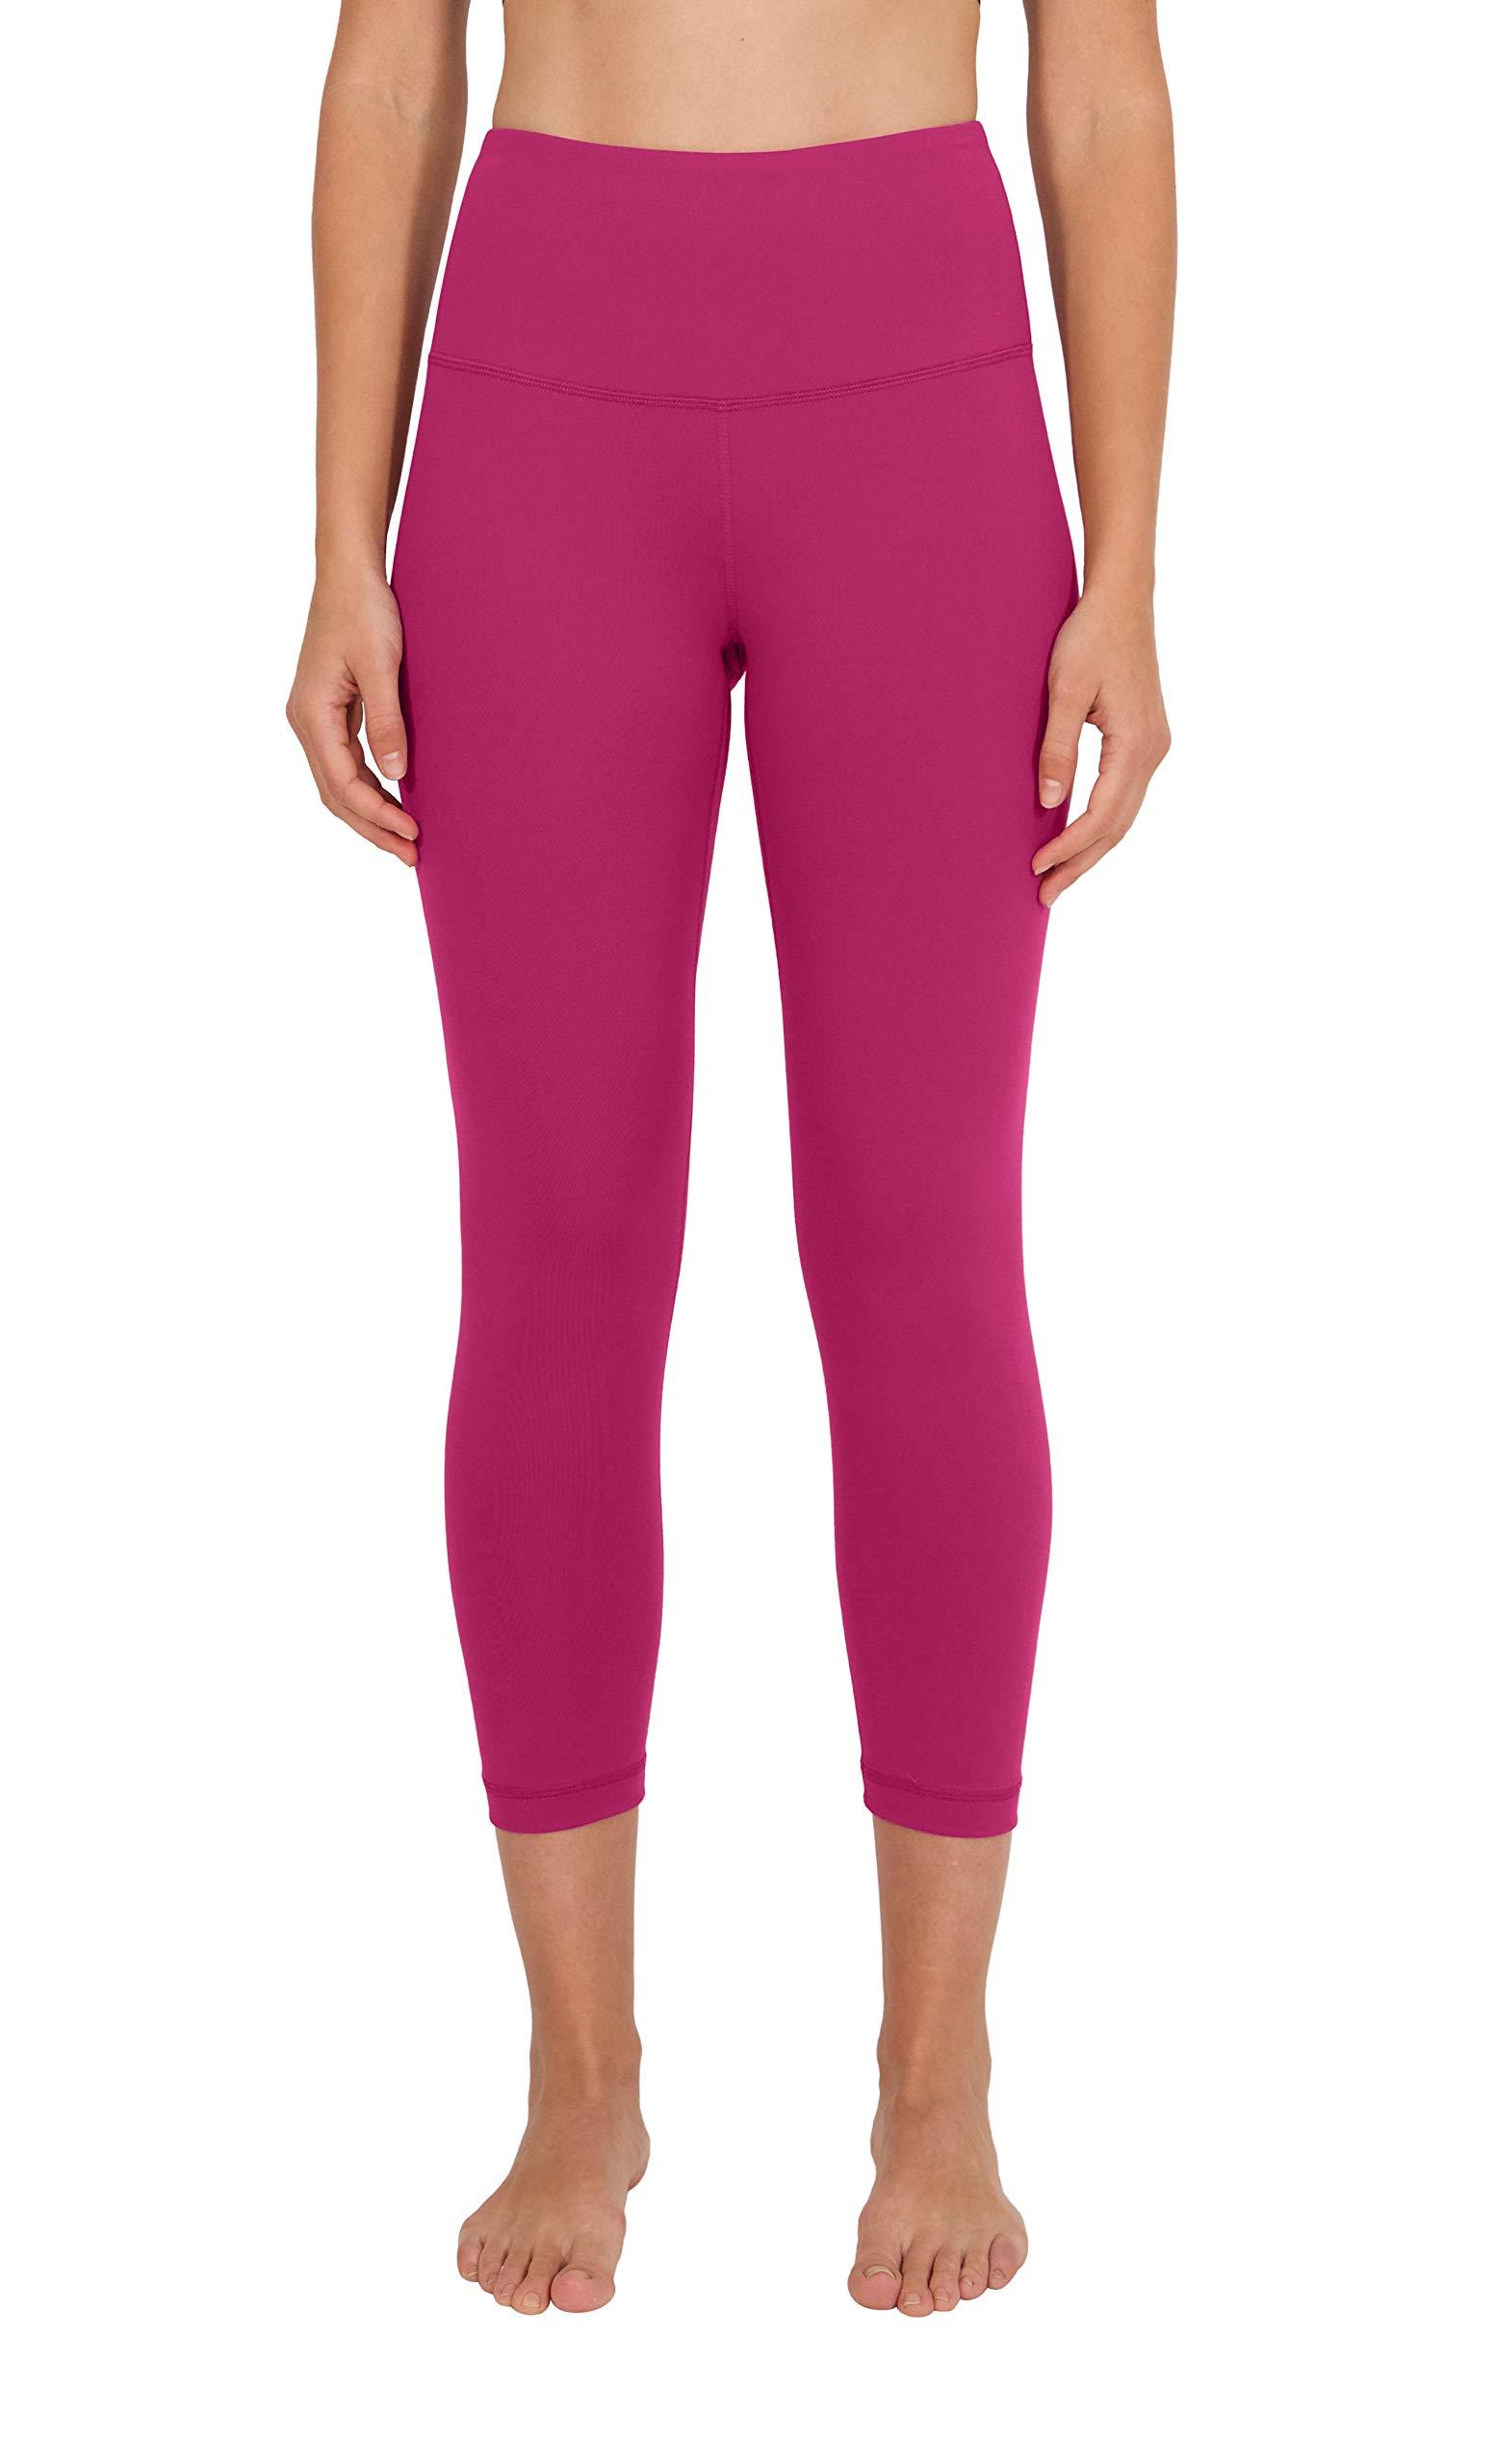 90 Degree By Reflex – High Waist Tummy Control Shapewear – Power Flex Capri -Black Raspberry - Small